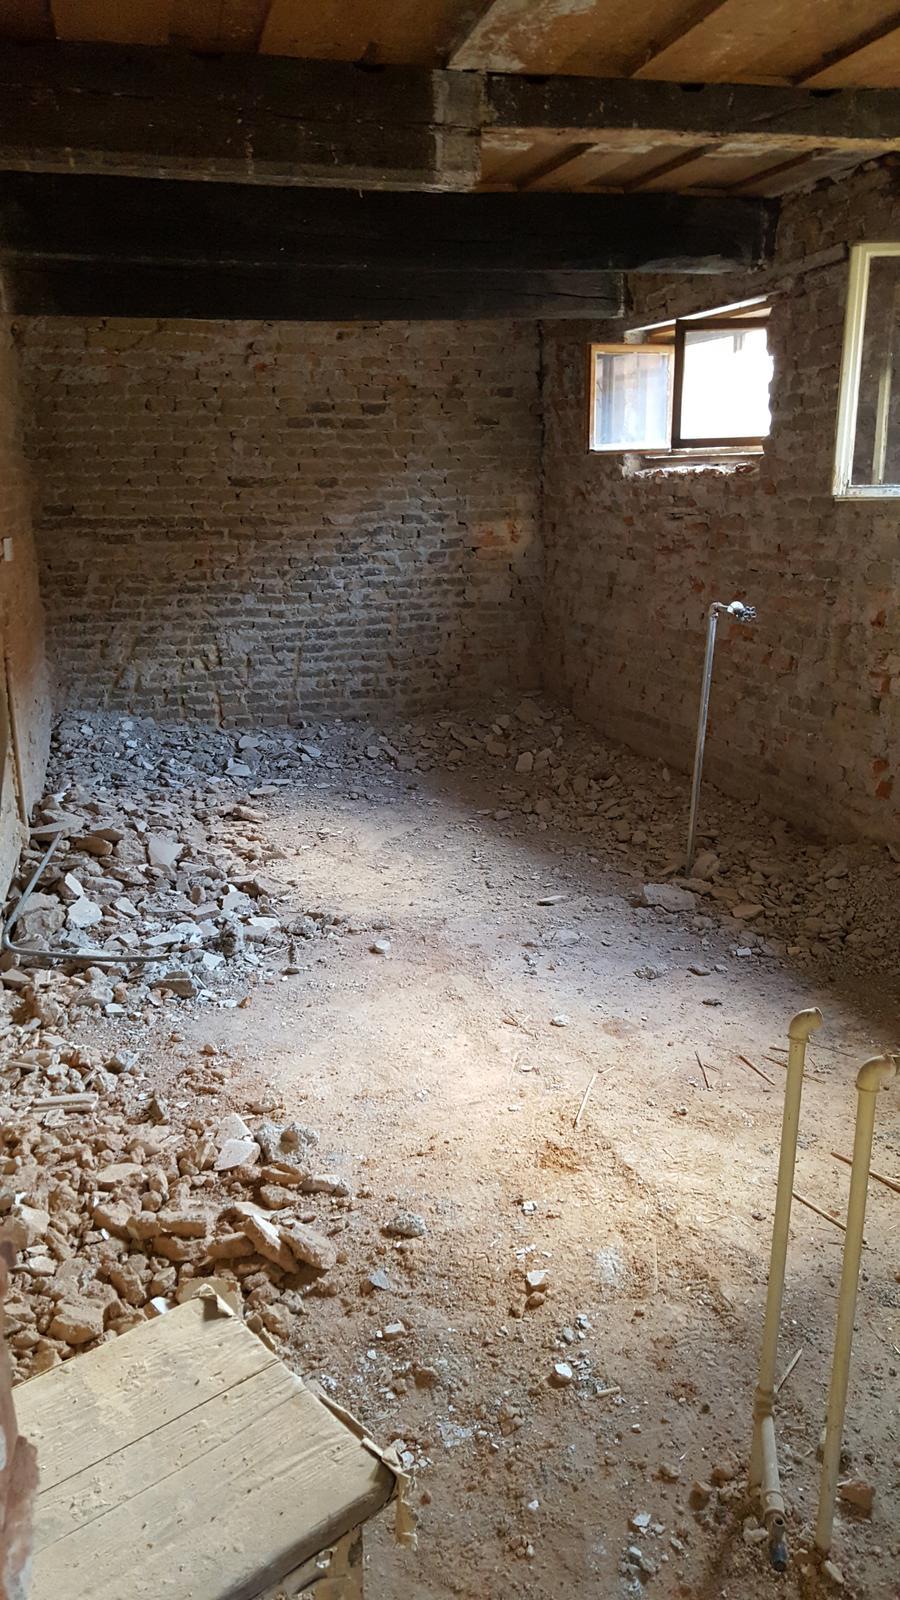 Prerabka domu v historickom centre - o dost lepsie,zajtra sa snad pustime do znizovania podlahy